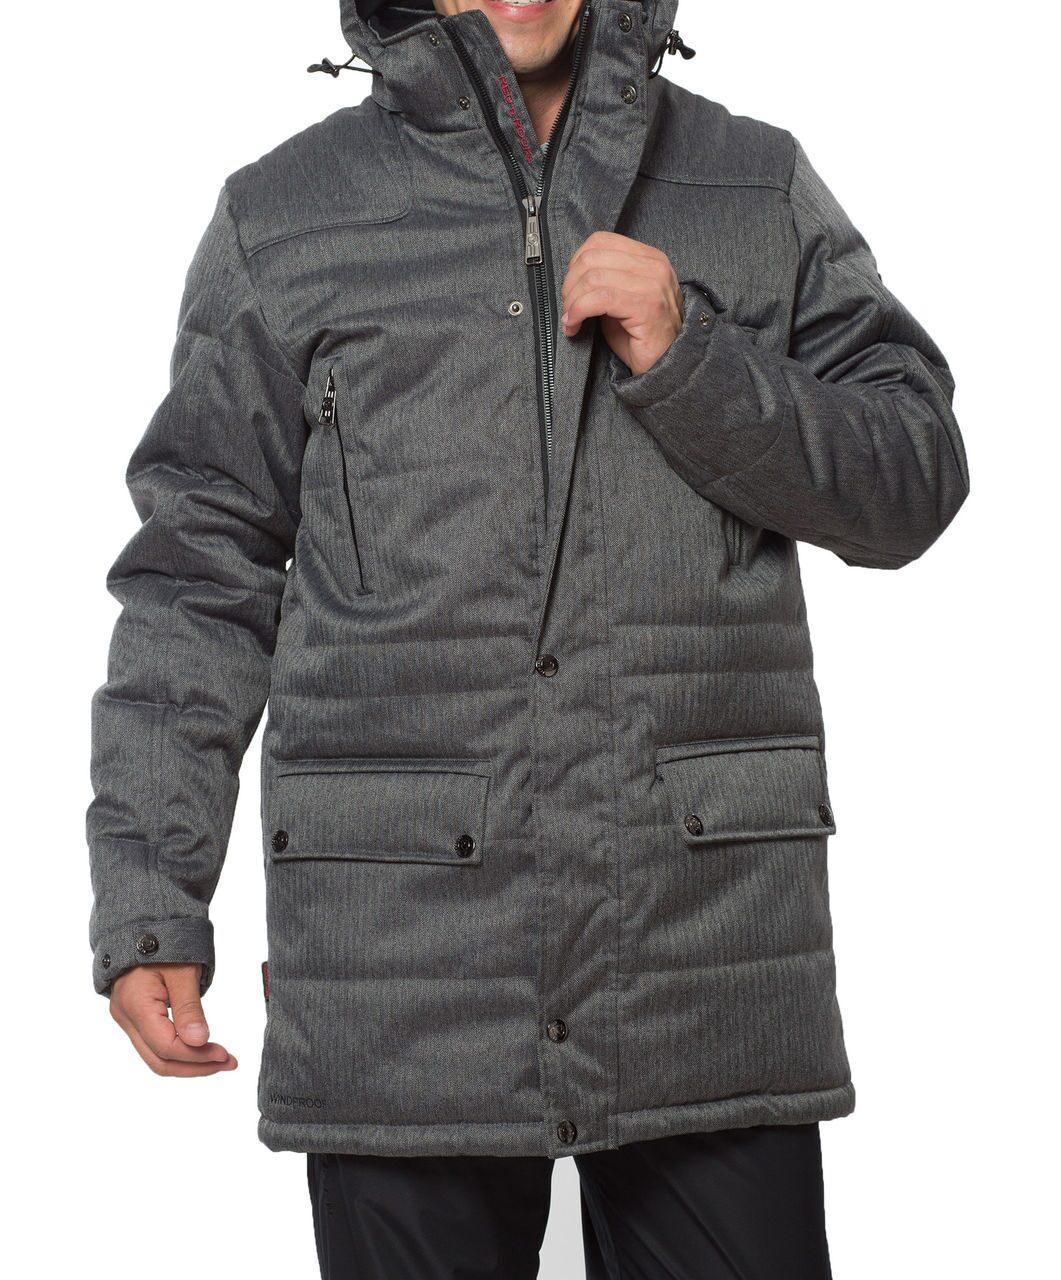 65213030cf4 Мужская зимняя куртка арт. 466. Есть большие размеры